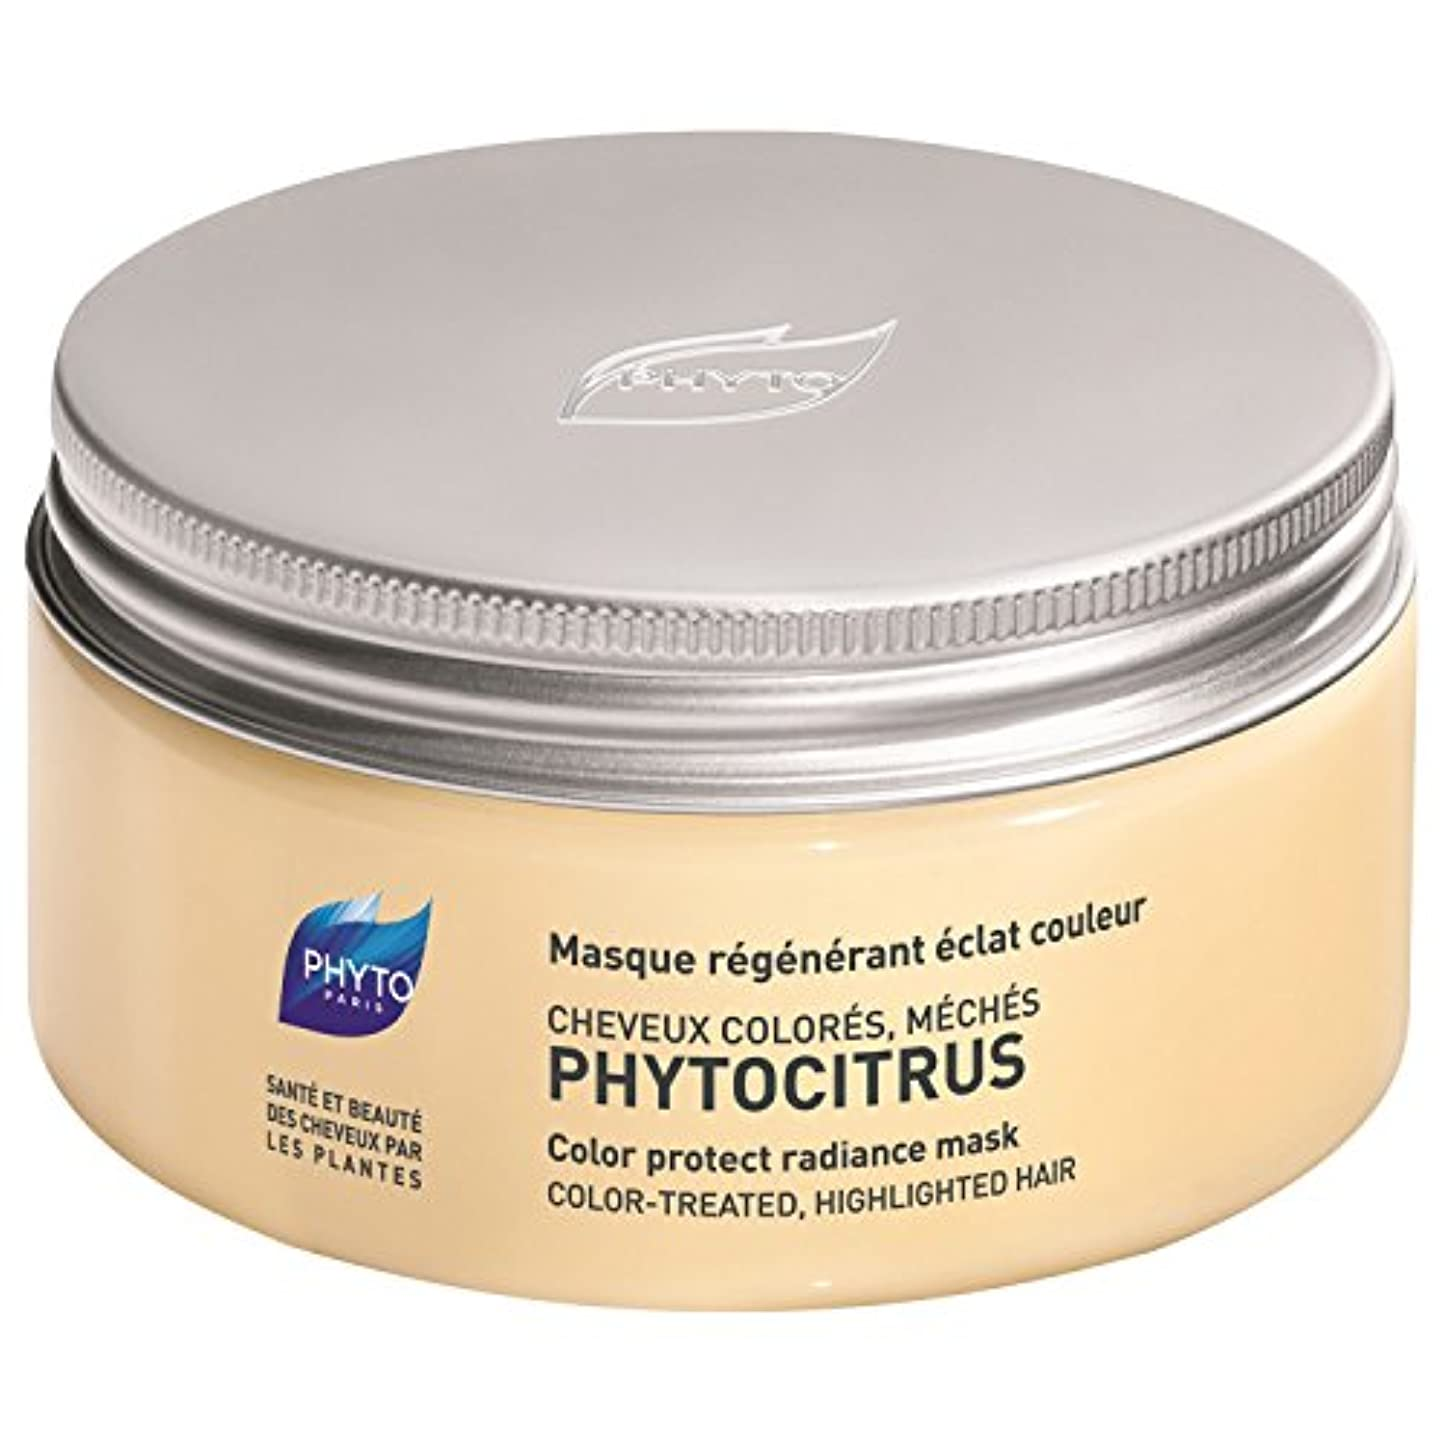 仮称ウィンクでるフィトPhytocitrus色保護放射輝度マスク200ミリリットル (Phyto) - Phyto Phytocitrus Colour Protect Radiance Mask 200ml [並行輸入品]